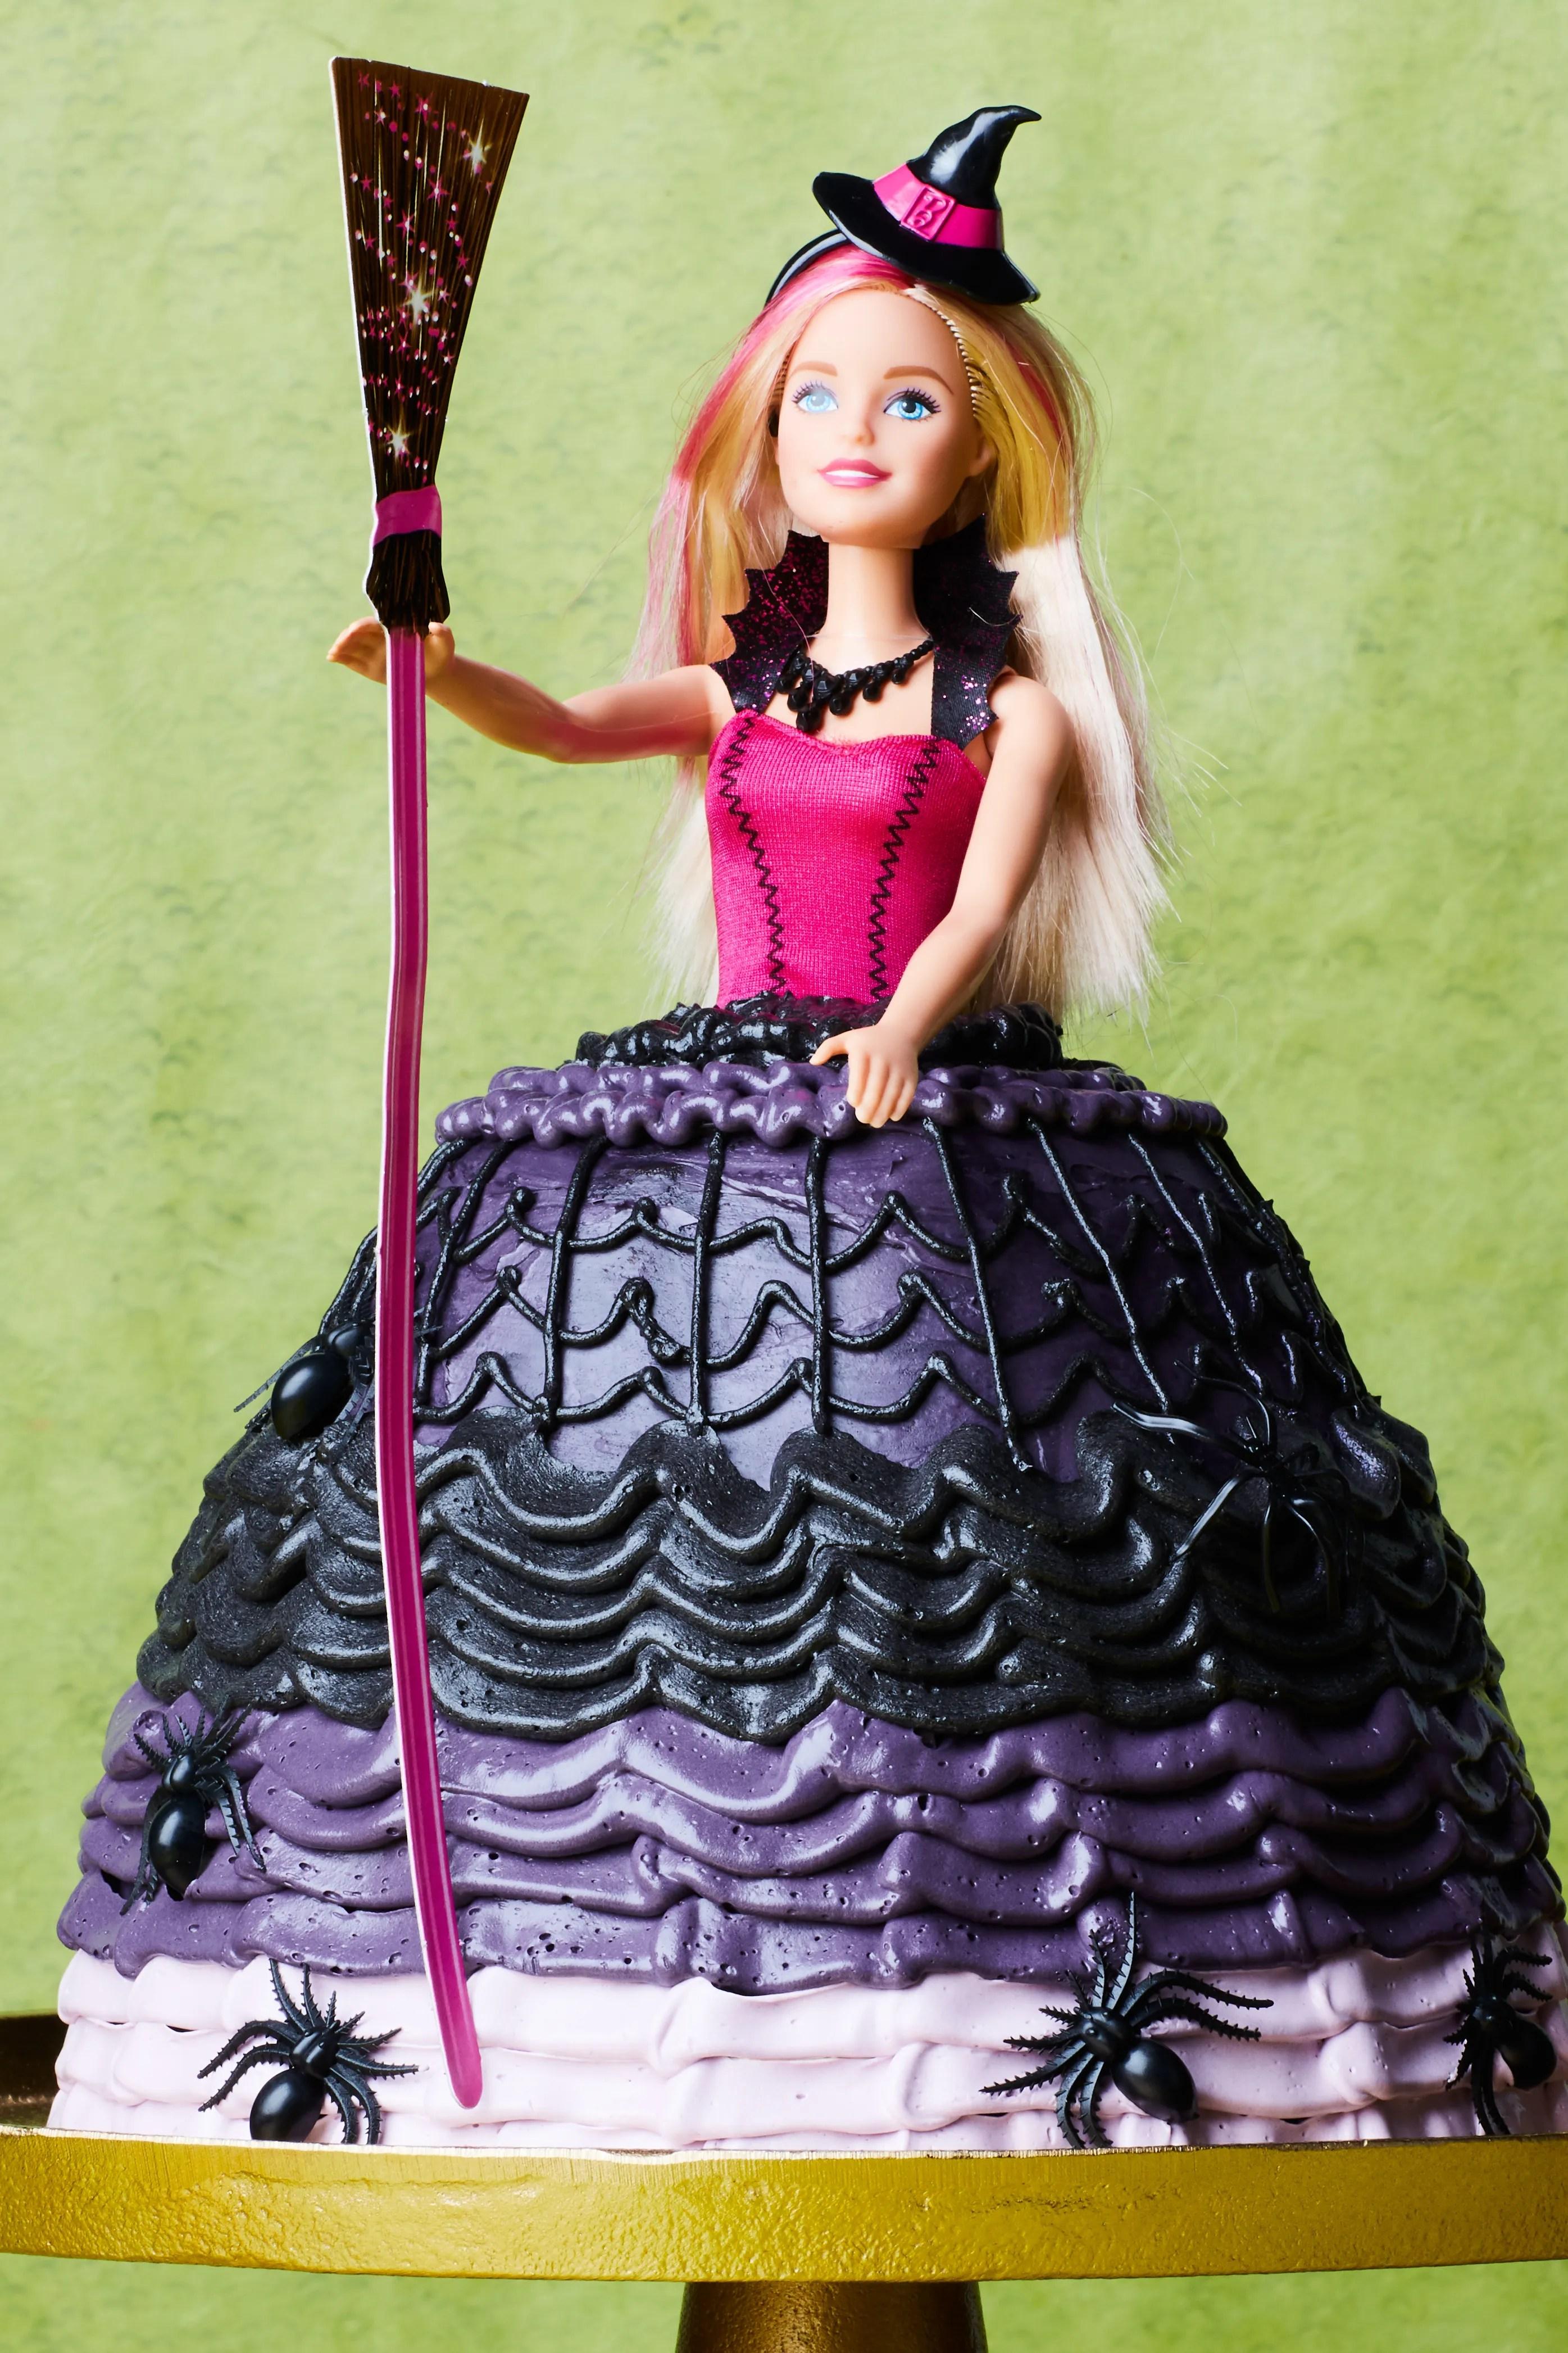 How To Make A Barbie Cake For Halloween Epicurious